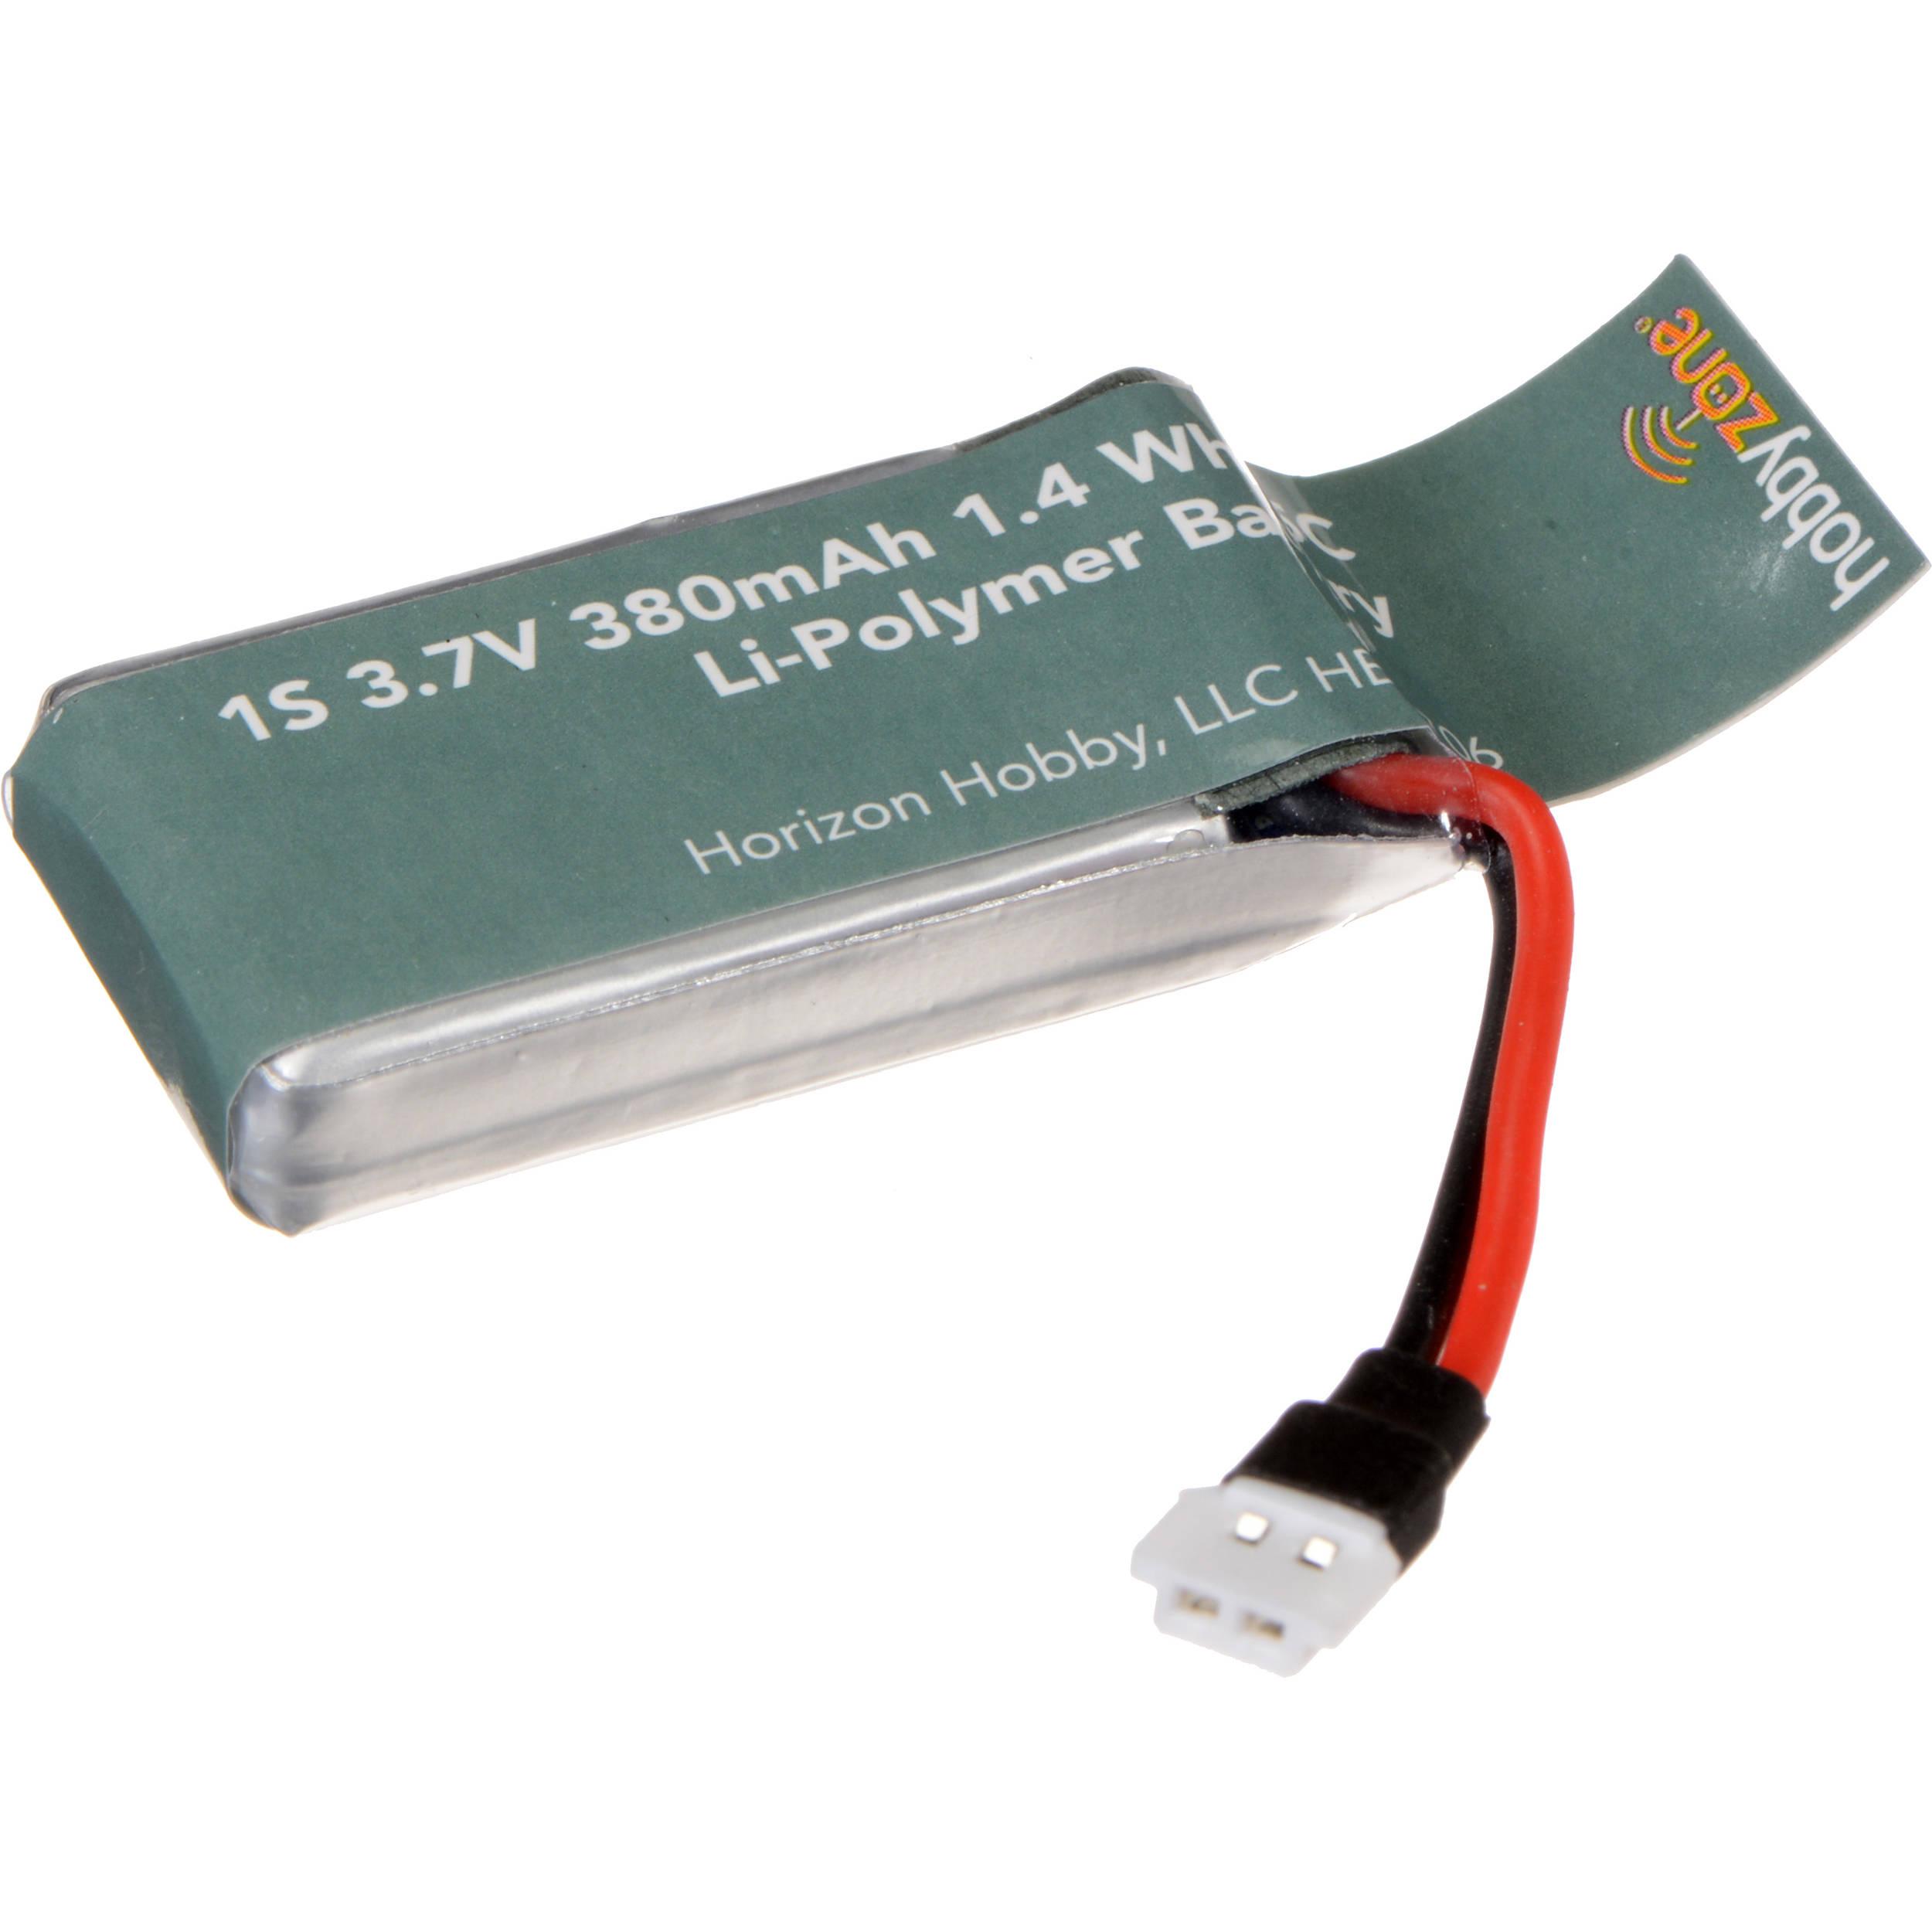 Https C Product 1160285 Reg Digital Alliance Psu Gaming 500 Watt 80 Bronze Hobbyzone Hbz8706 Replacement Battery For Zugo 1189235